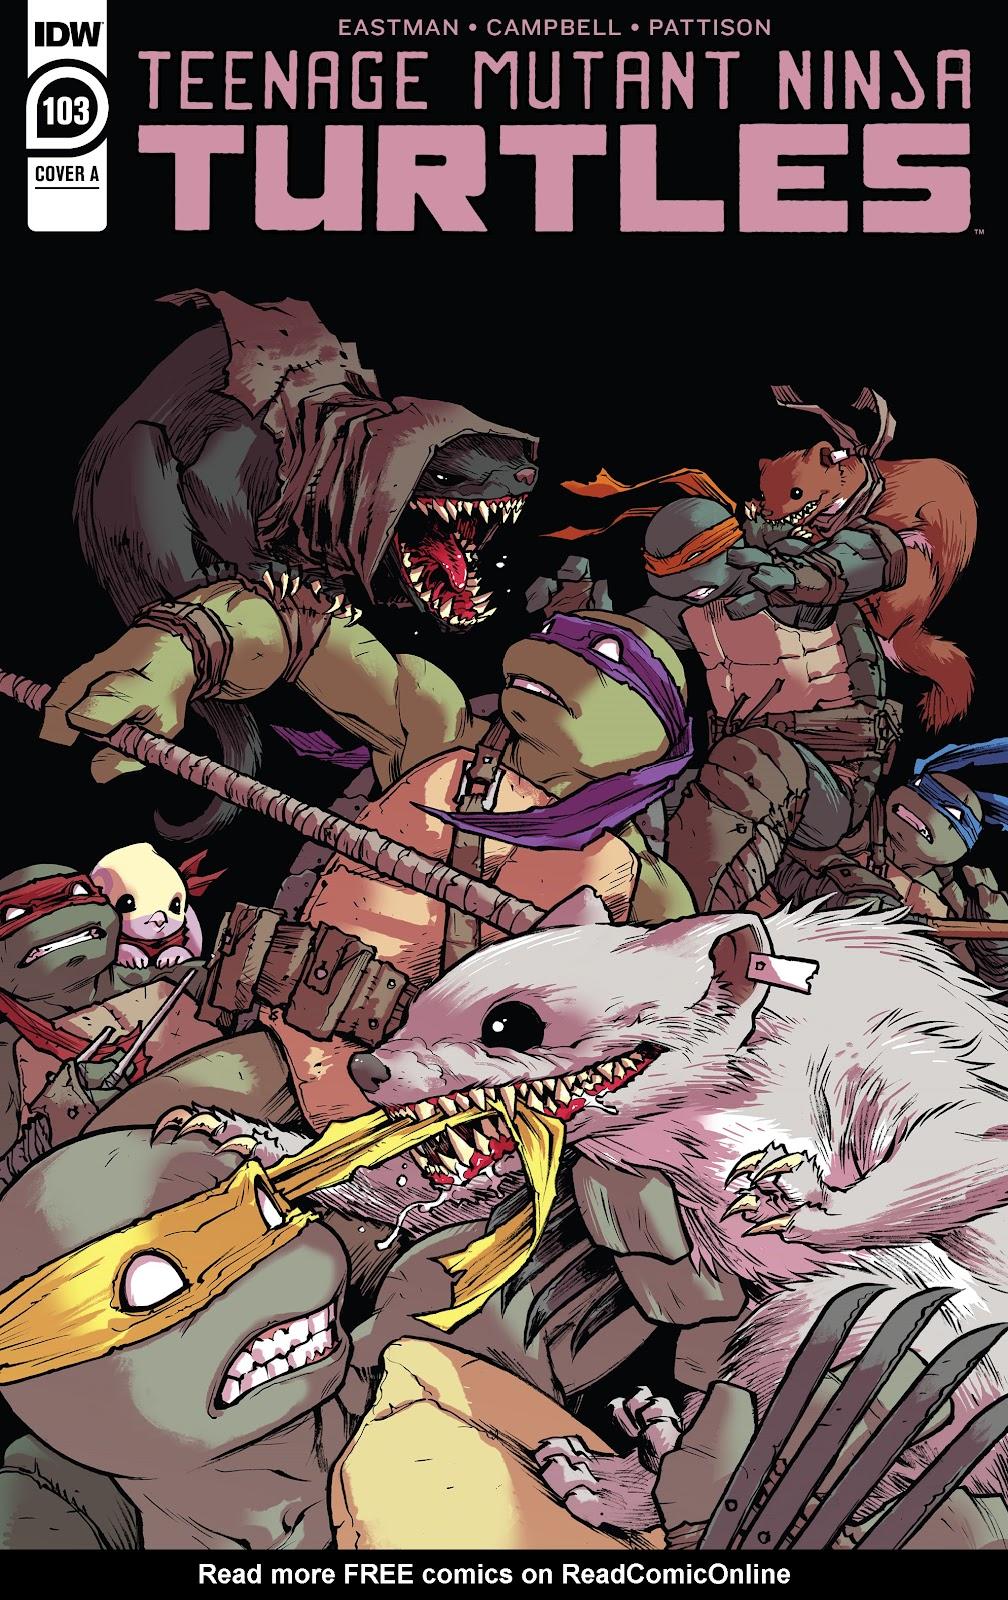 Read online Teenage Mutant Ninja Turtles (2011) comic -  Issue #103 - 1